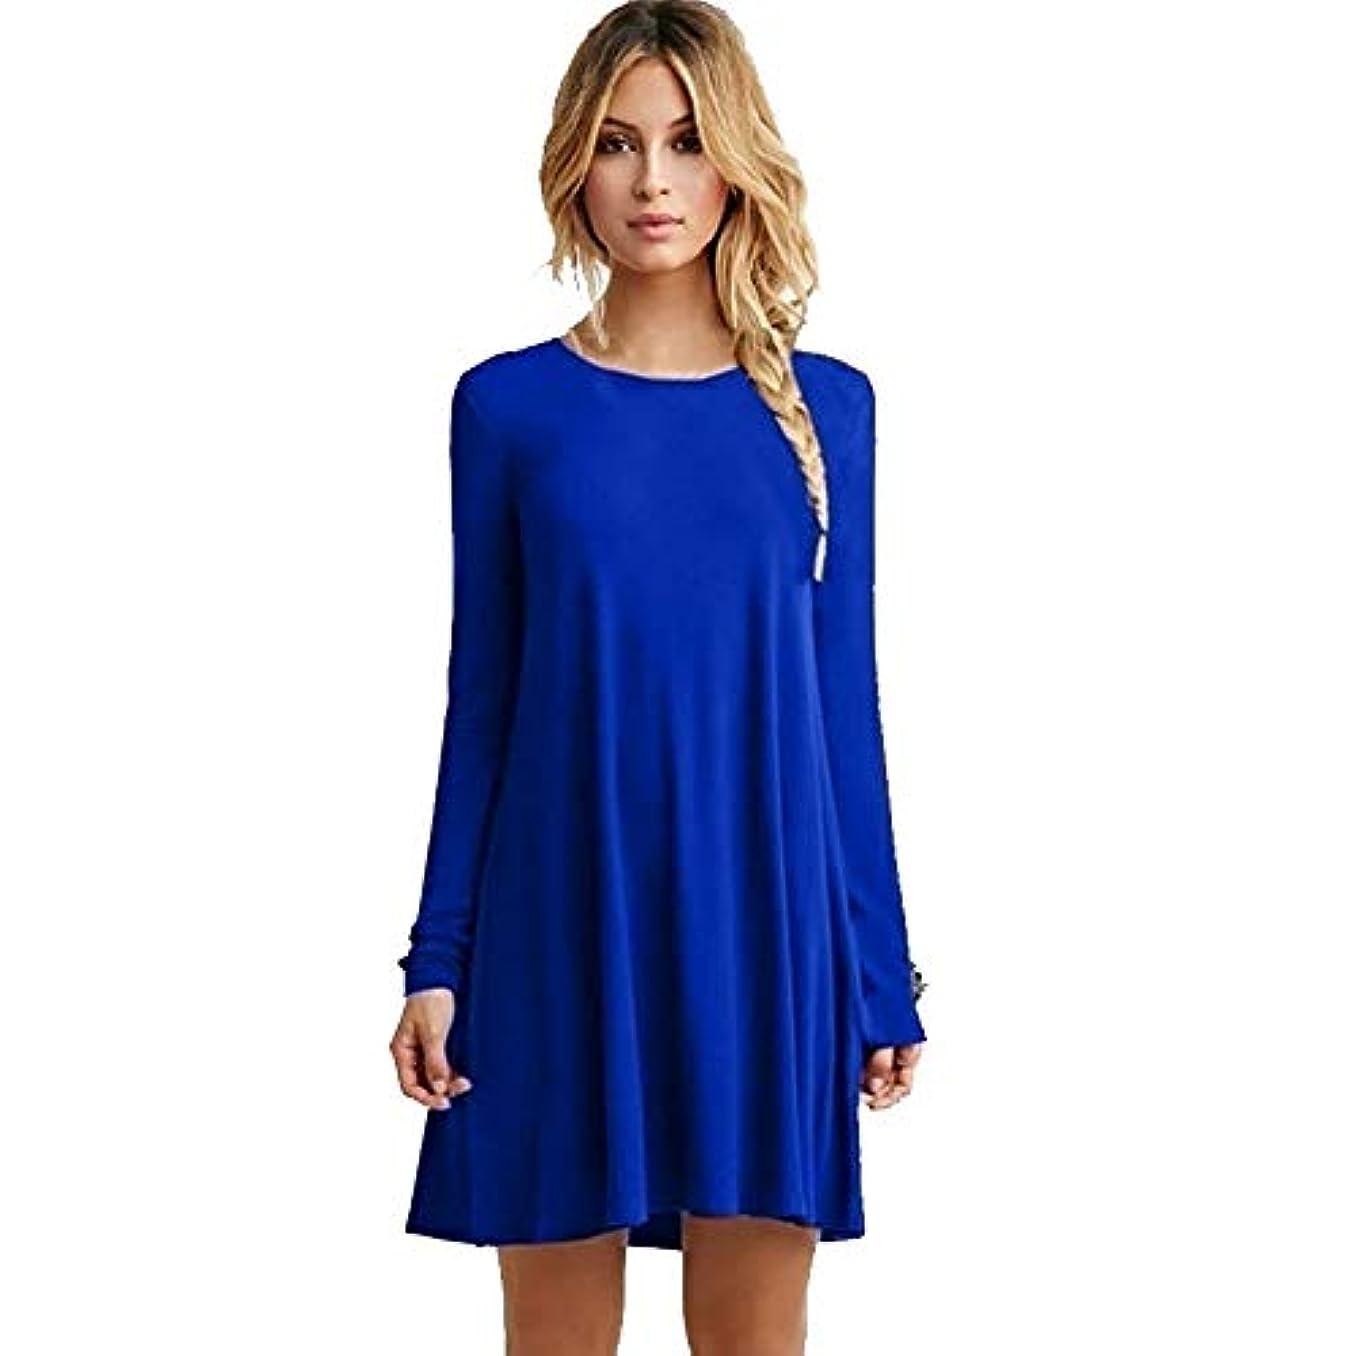 定期的ゴミ箱寛容なMIFANルースドレス、プラスサイズのドレス、長袖のドレス、女性のドレス、秋のドレス、マキシドレス、コットンドレス